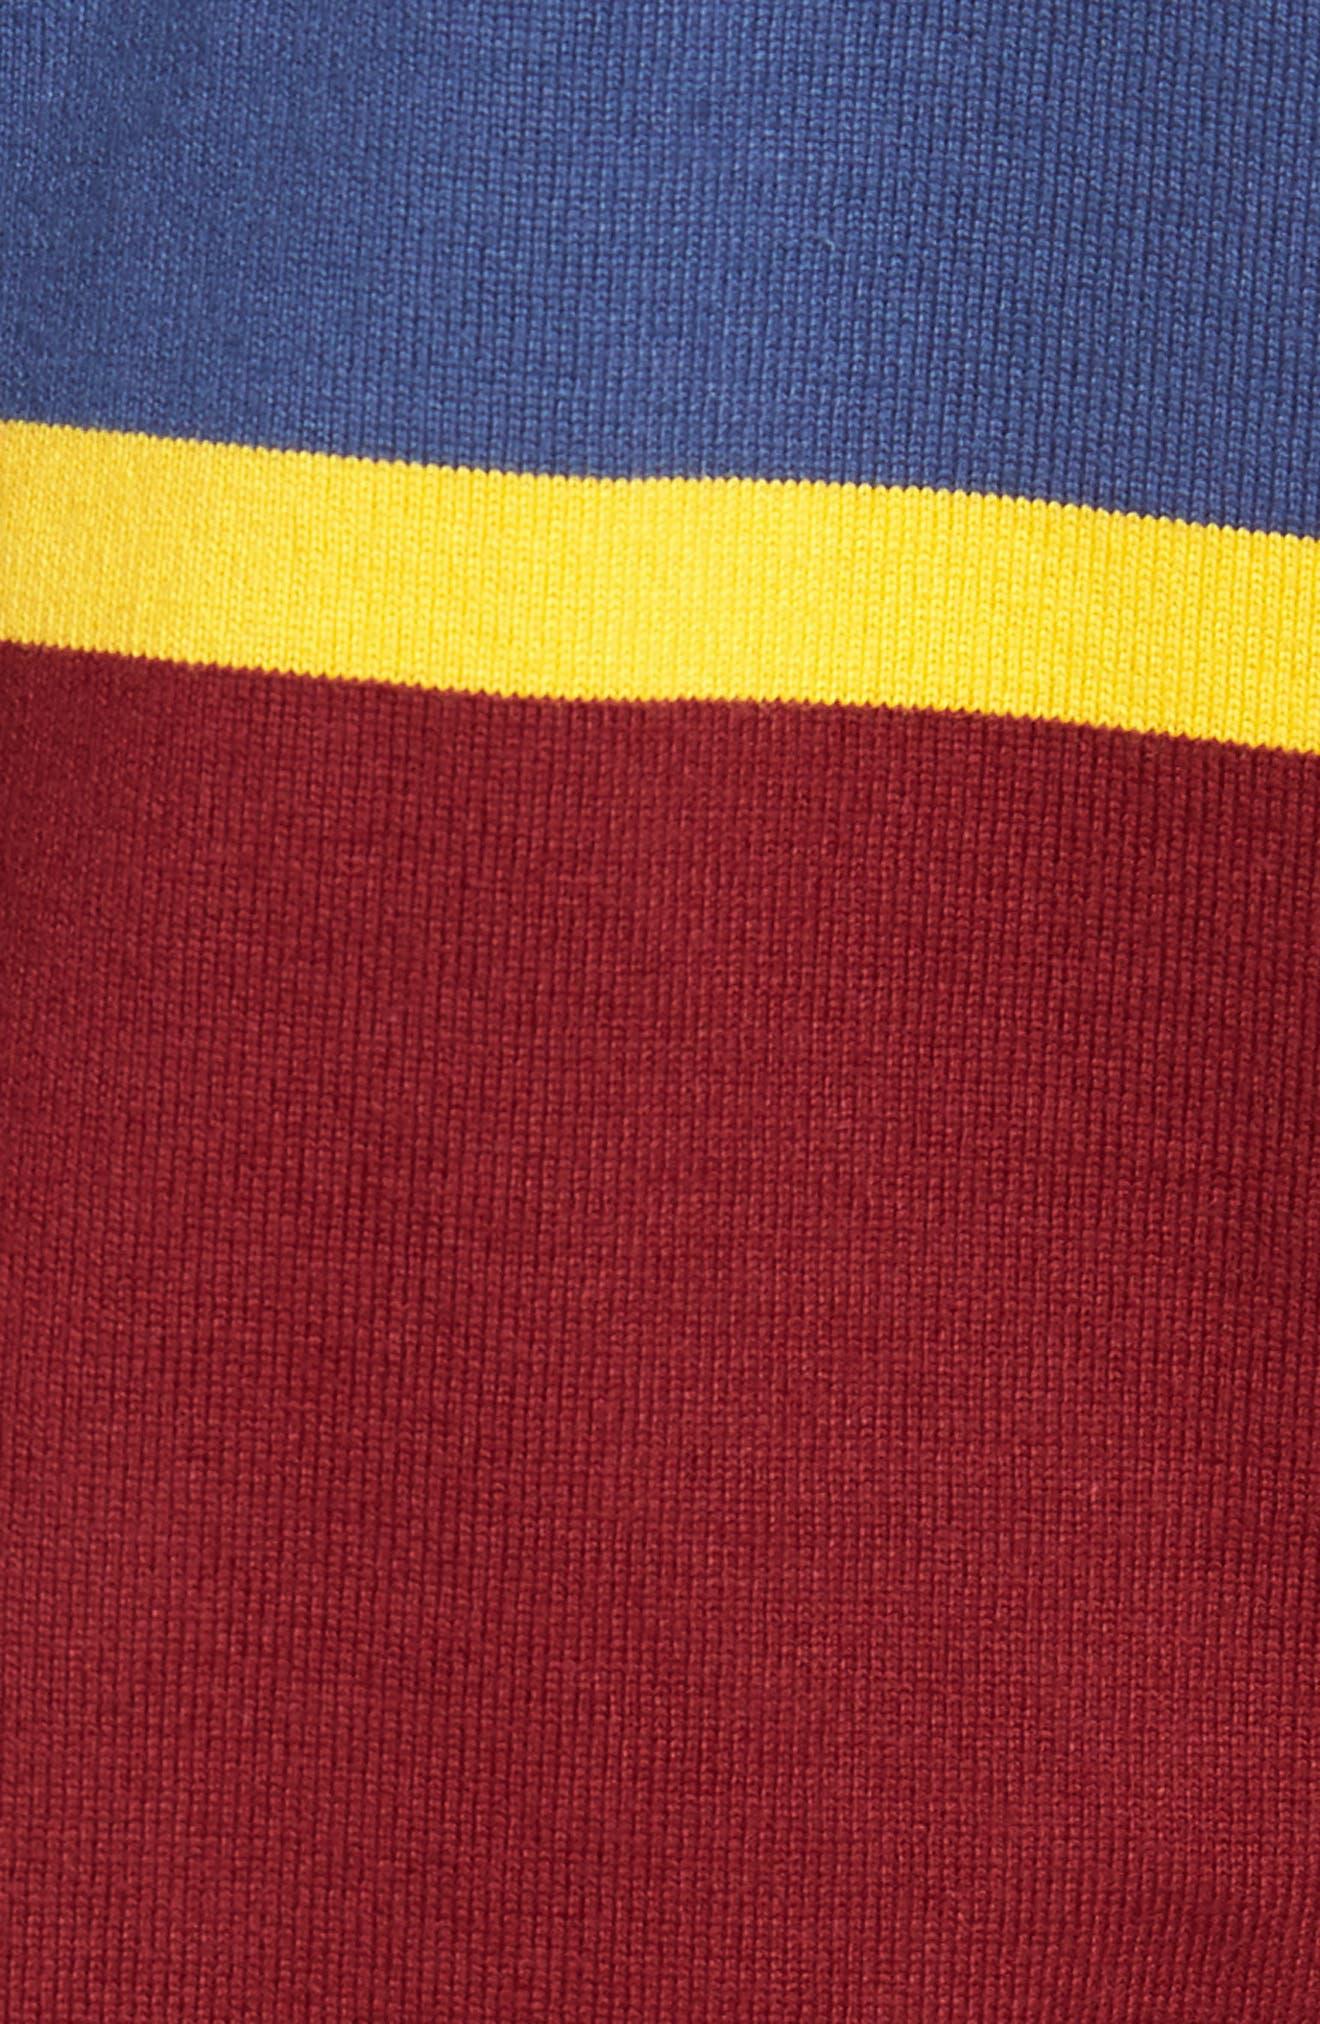 1984 Rugby Shirt,                             Alternate thumbnail 5, color,                             Mahogany